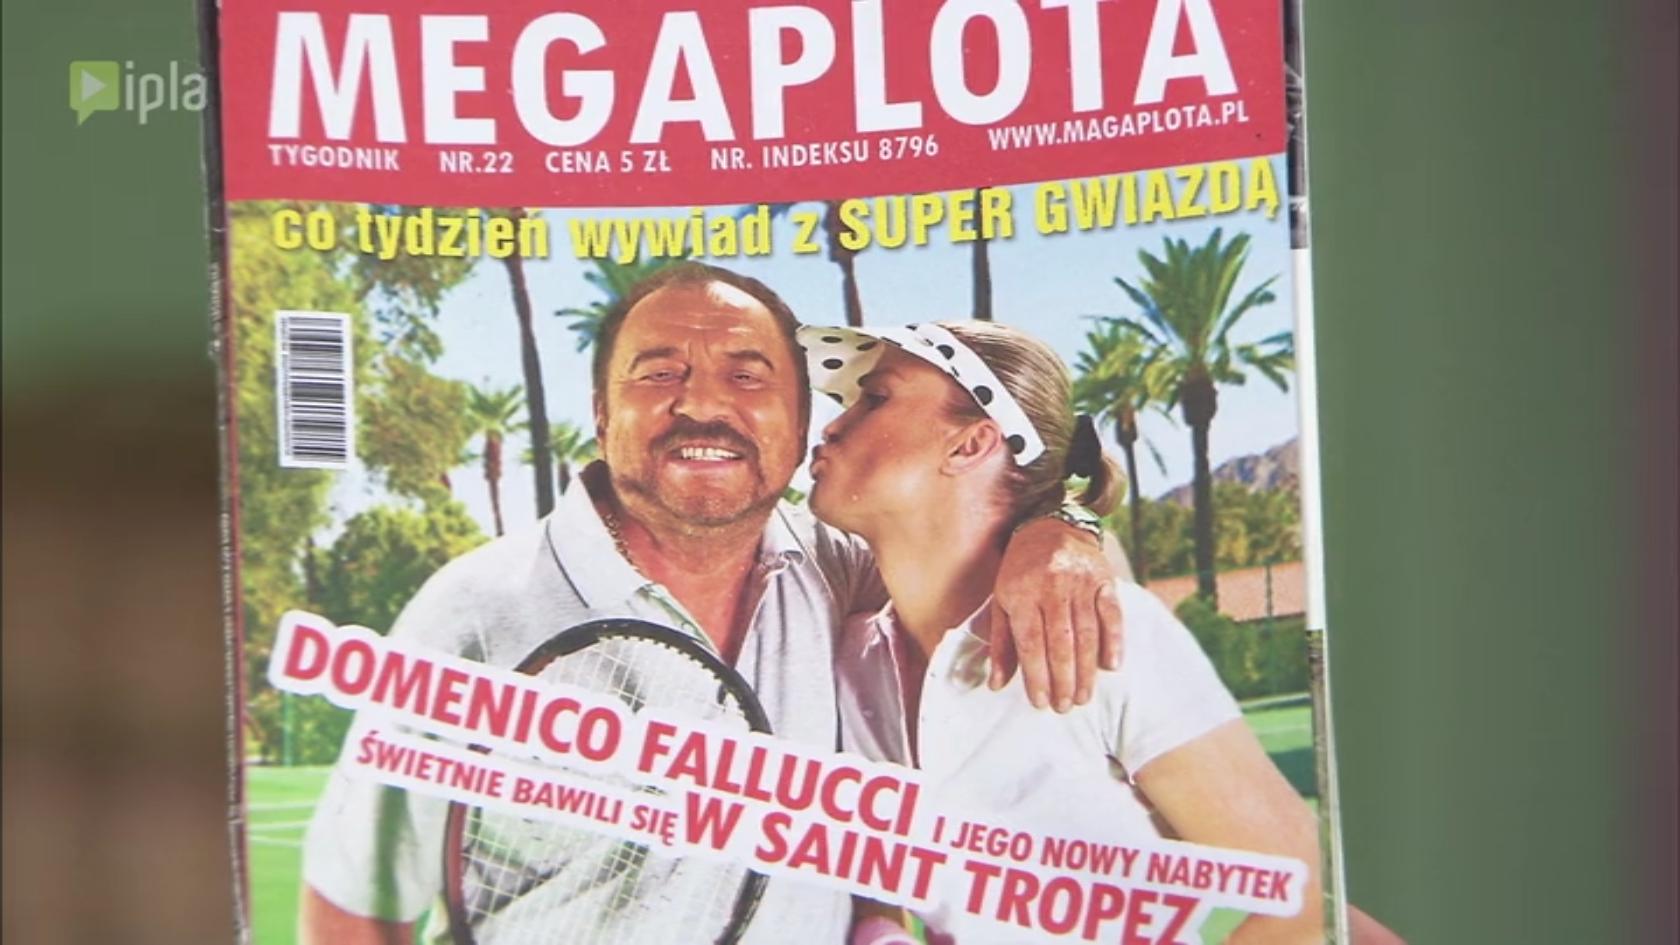 Domenico Fallucci